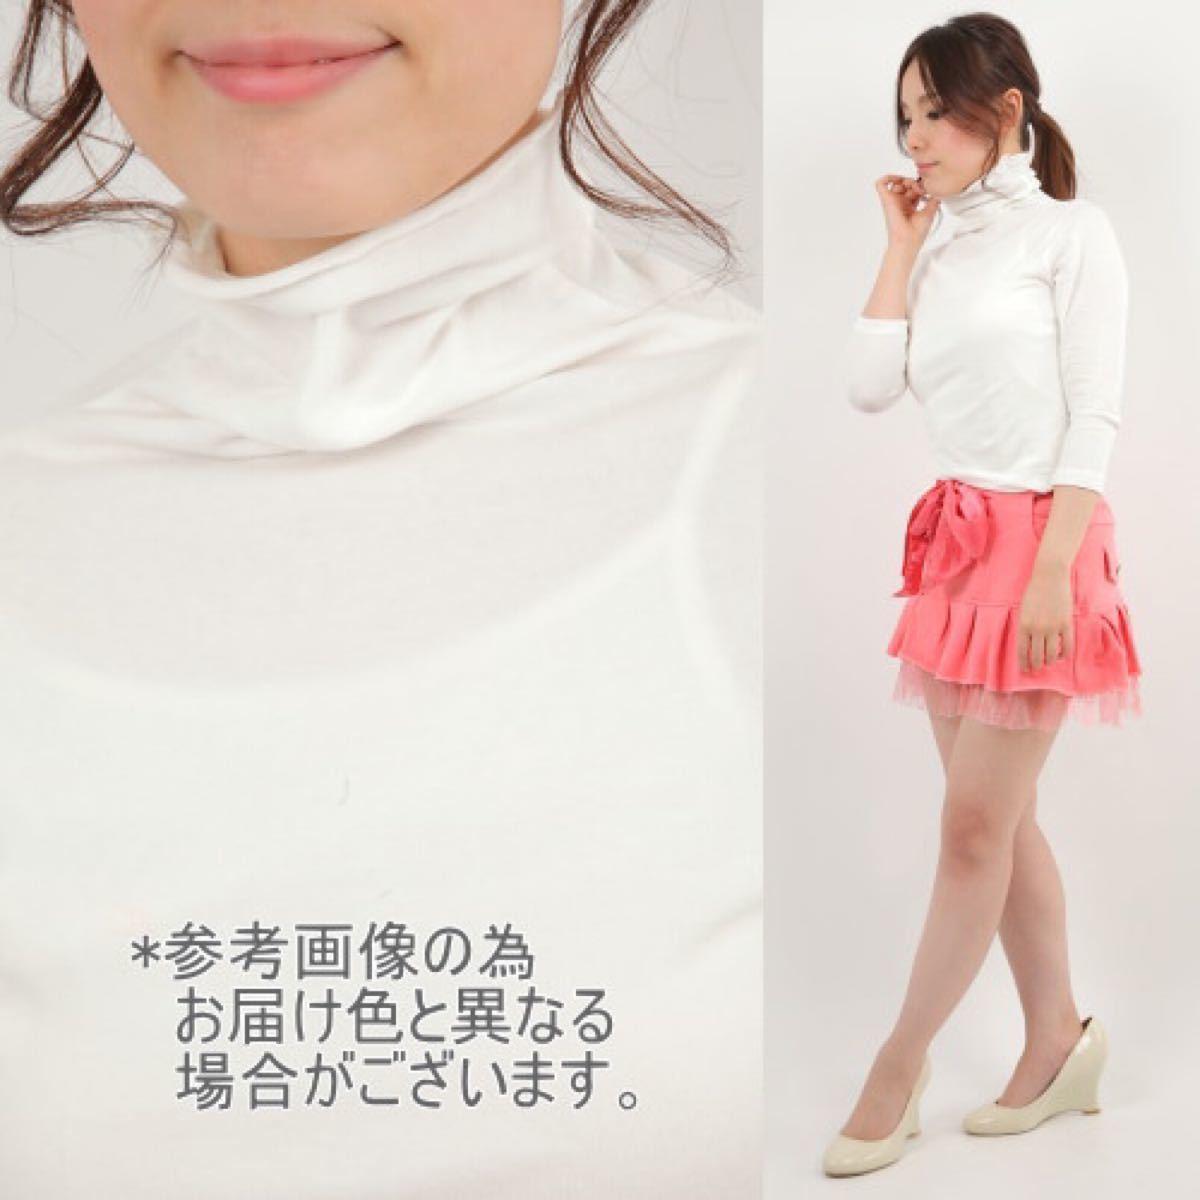 7分袖【Mサイズ】ネイビー★UVカットハイネックカットソー